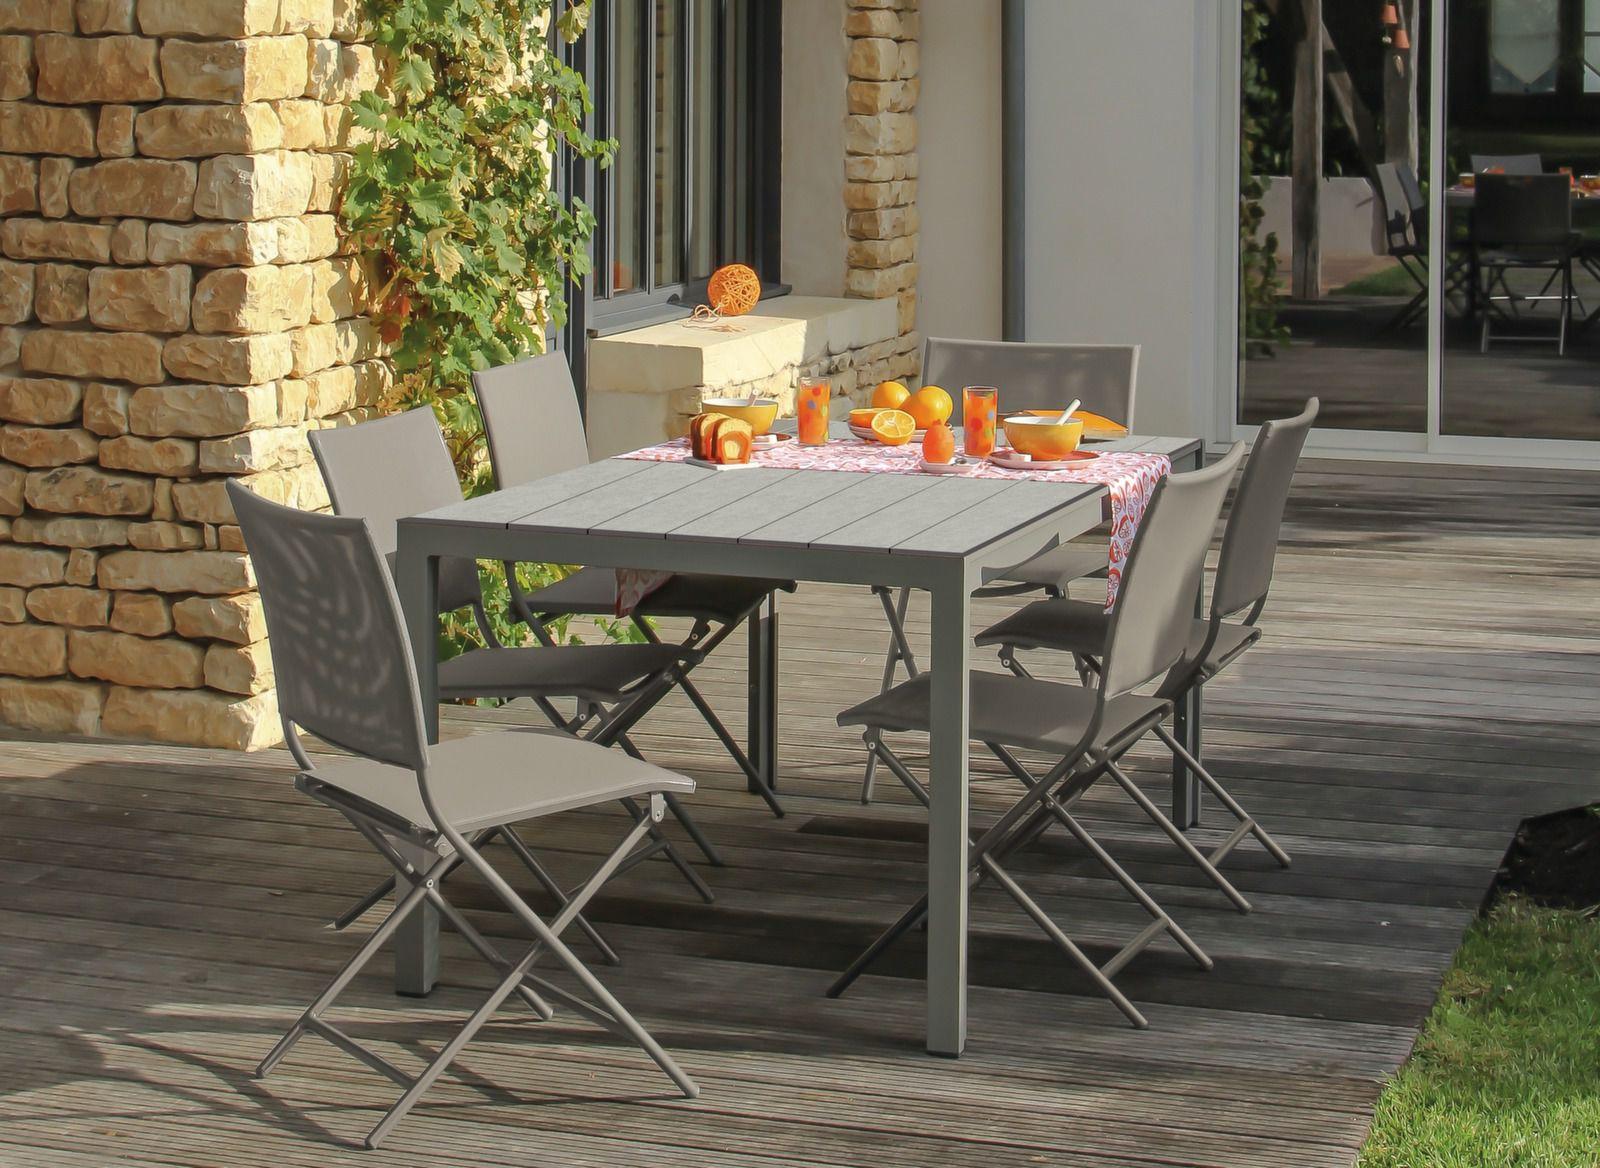 Table d\'extérieur MT 160 cm - Mobilier salon de jardin - Proloisirs